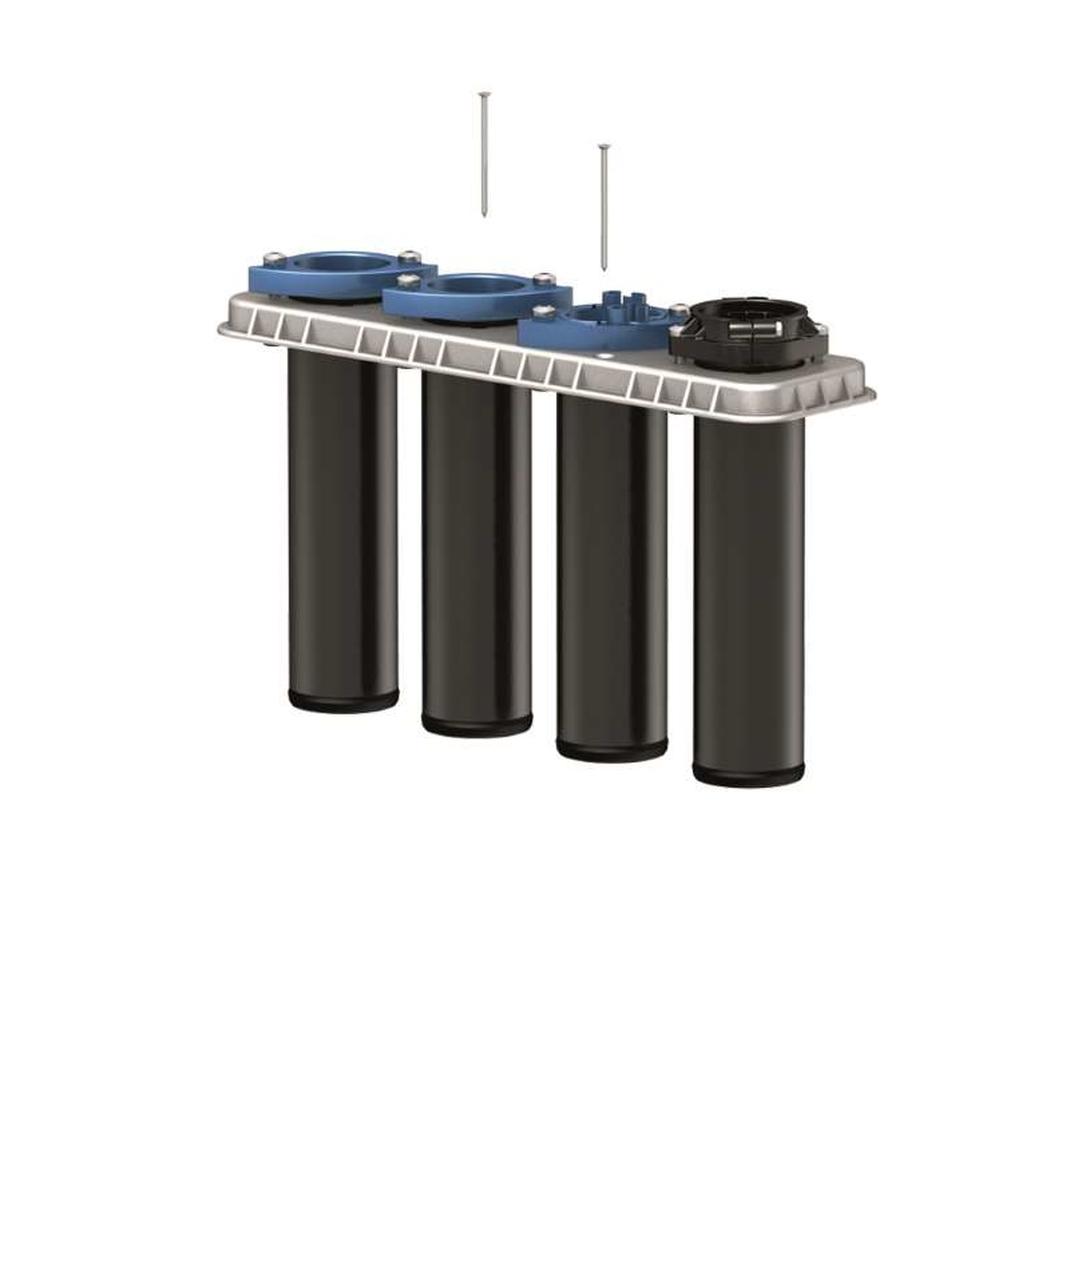 DOYMA Quadro-Secura® Mehrsparte Installationsteil